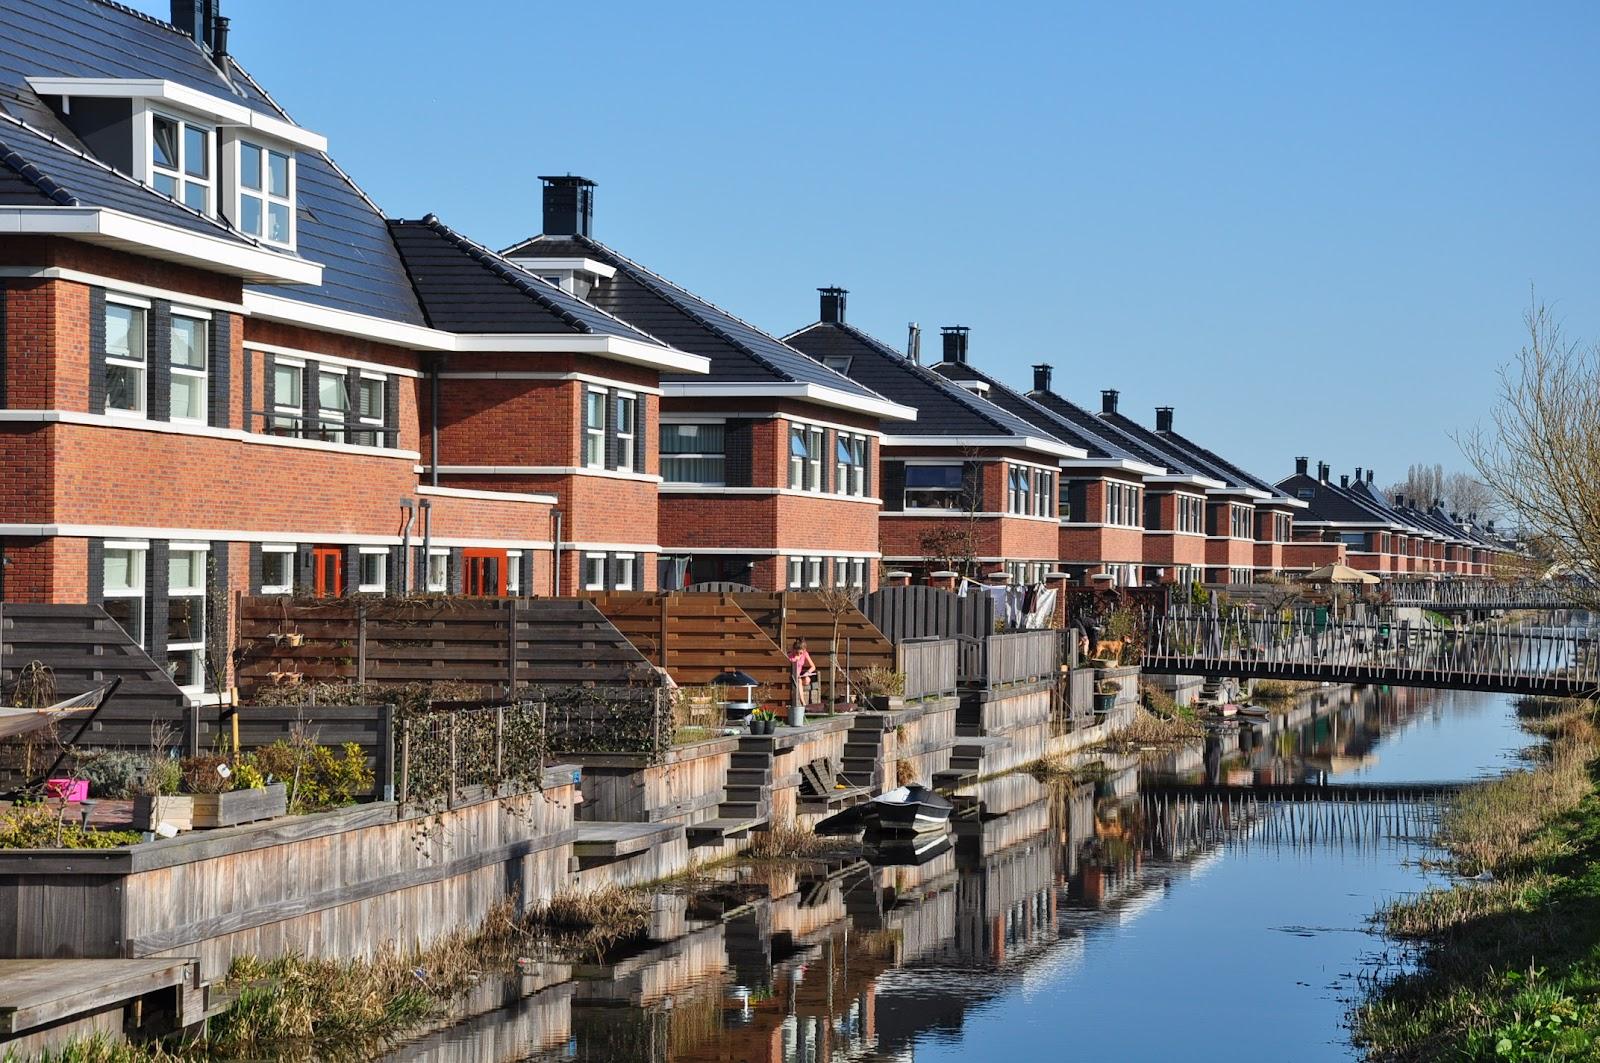 Netherlands,_The_Hague,_Boekelermeerstraat.JPG